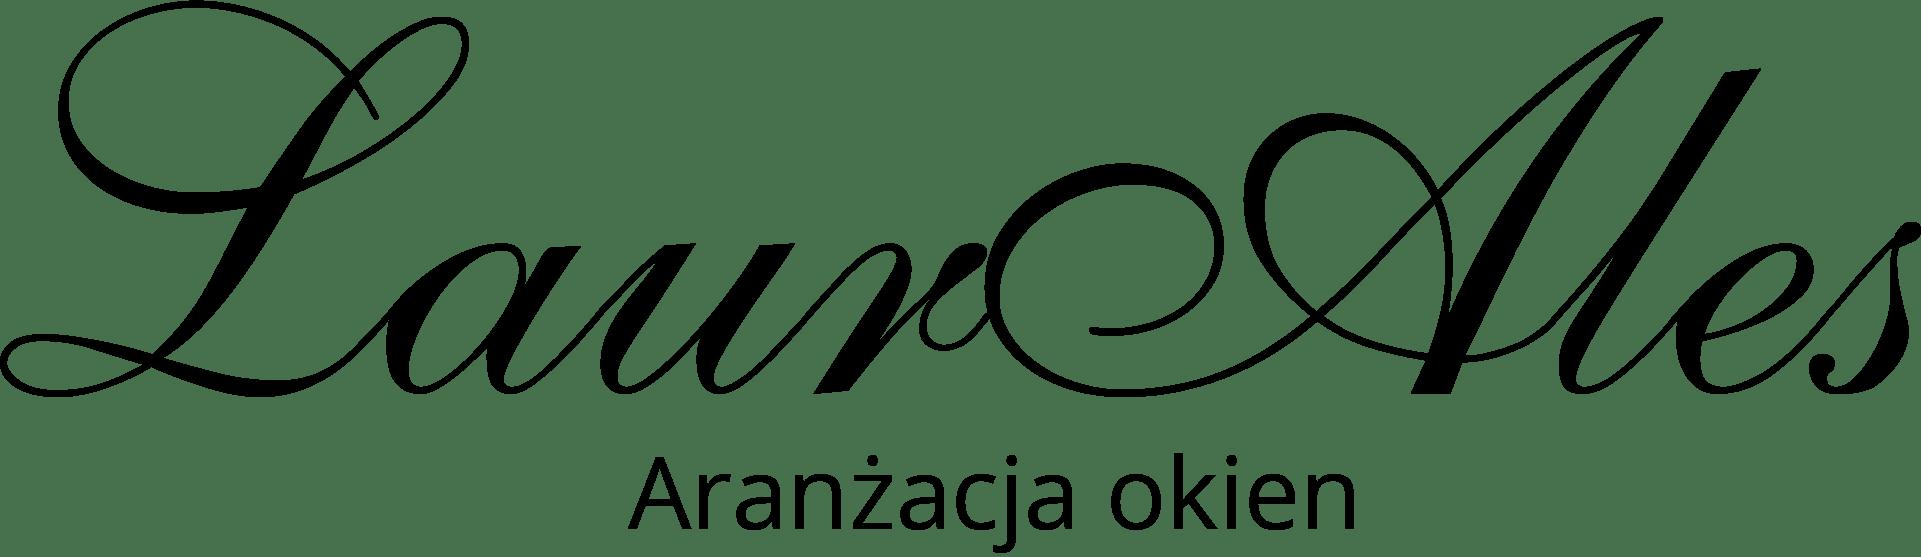 LogoLaurales